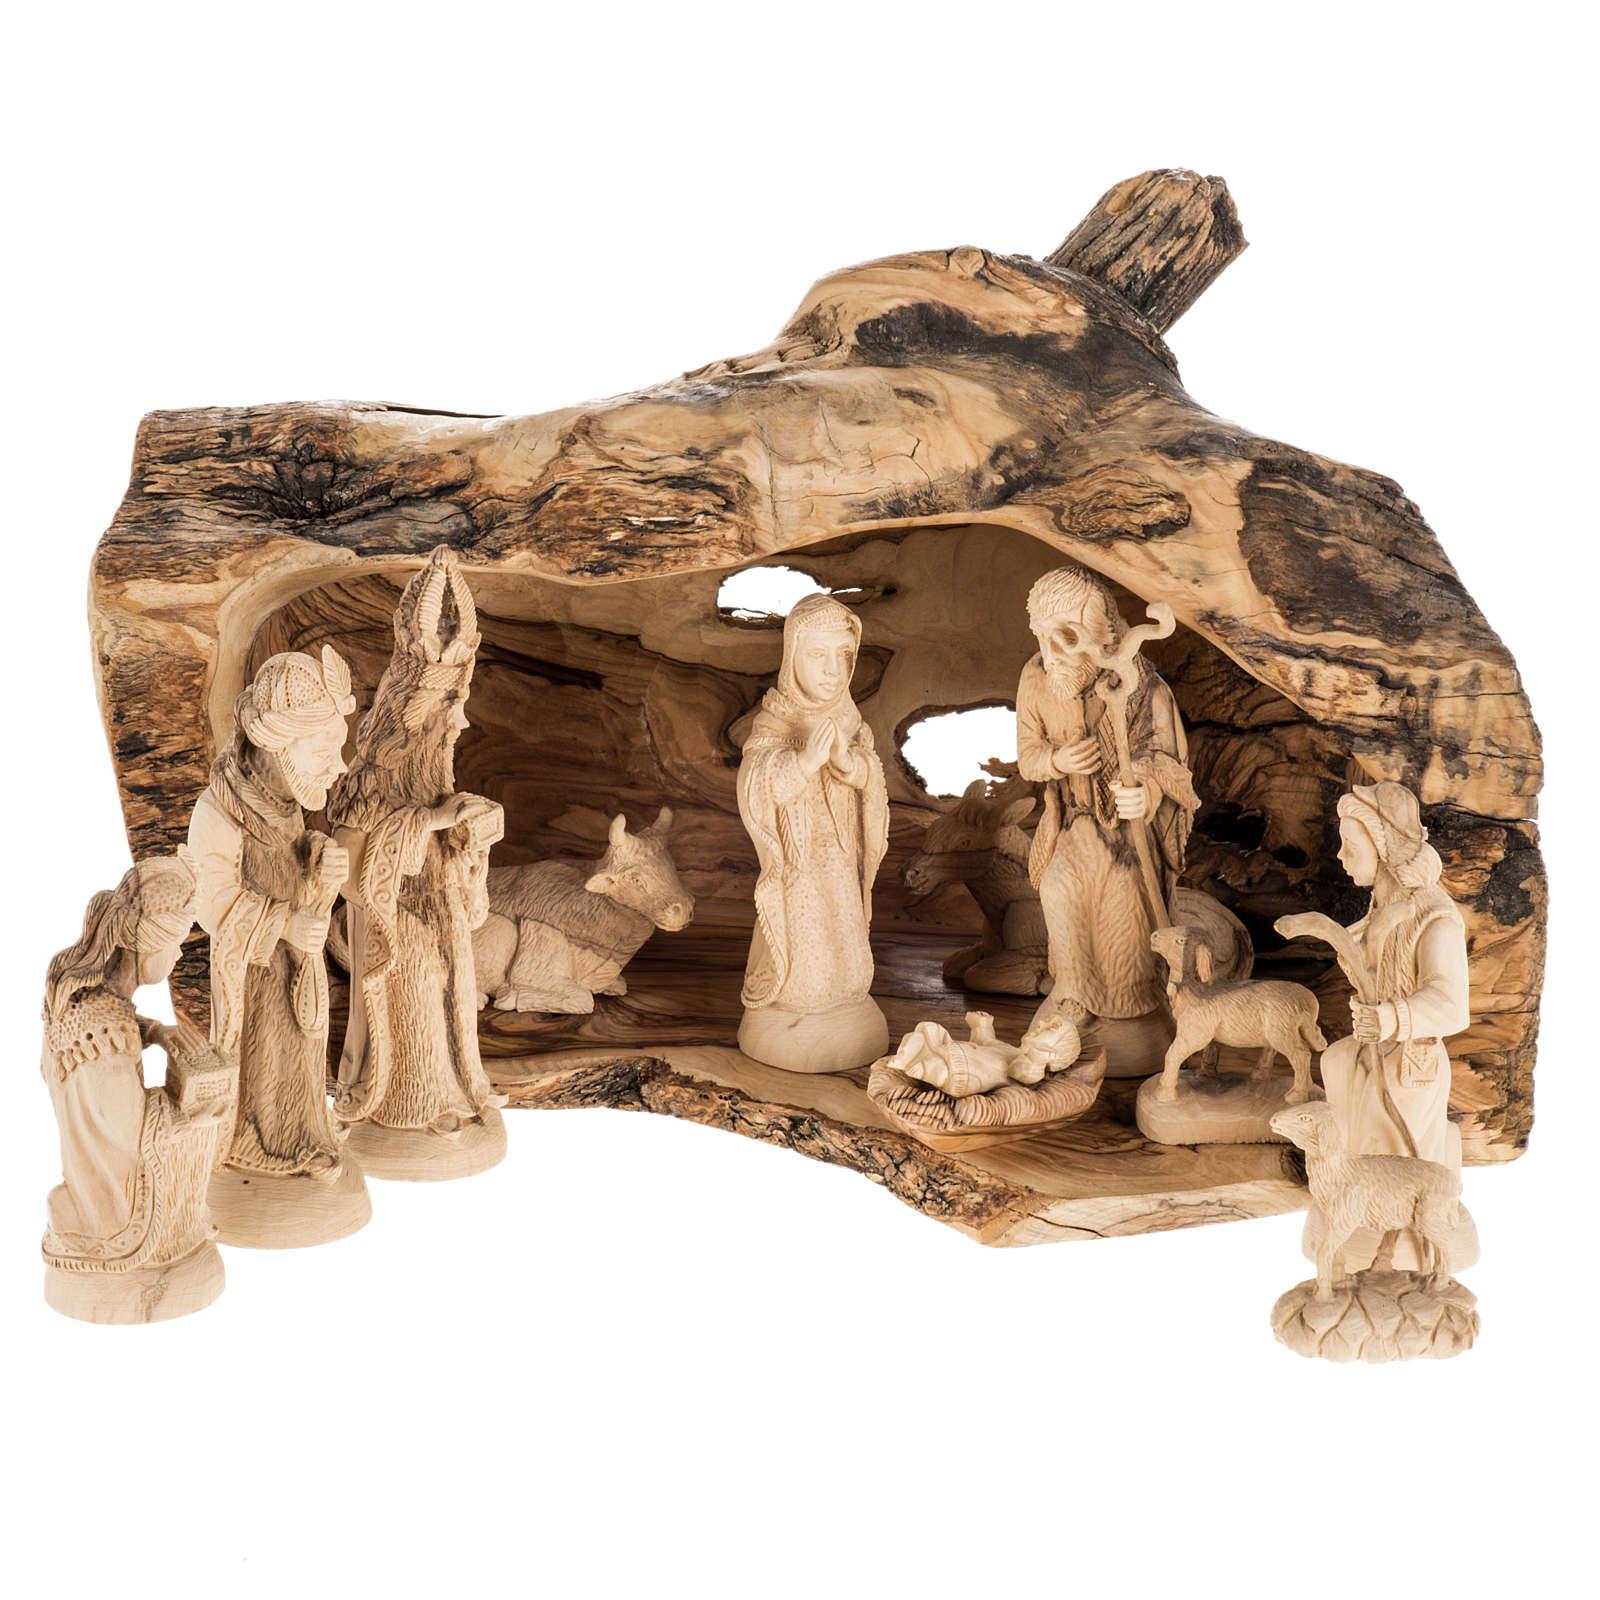 Pesebre completo en madera de olivo Betlemme, con cueva 14cm 4